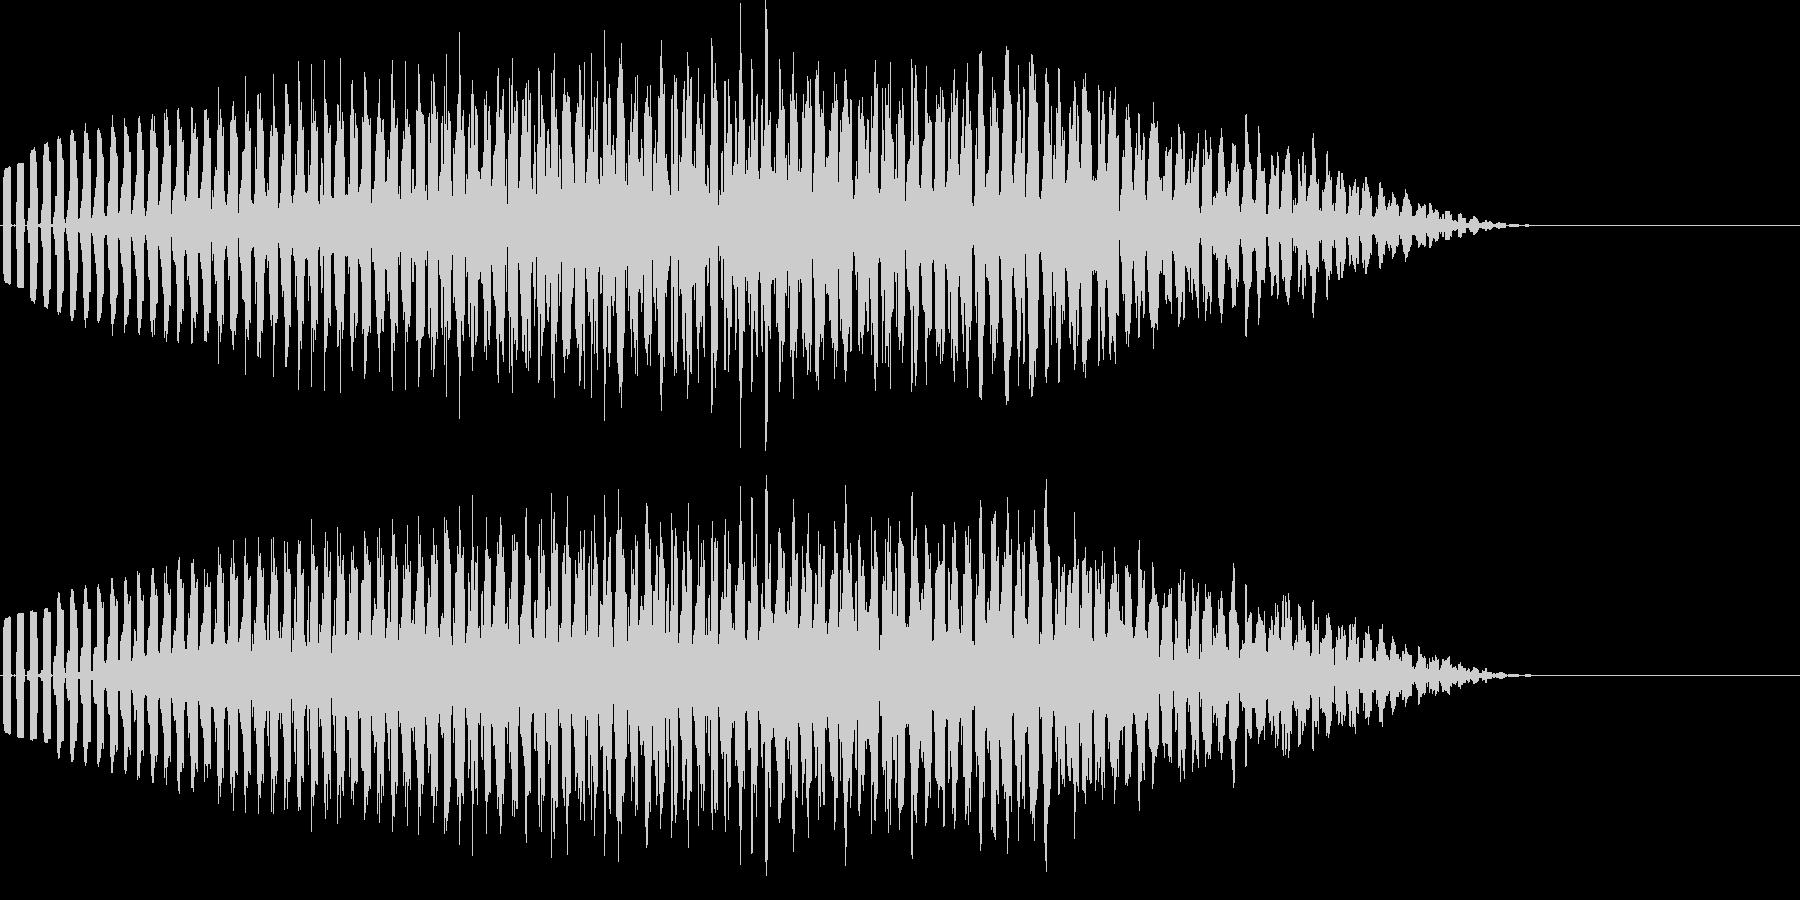 宇宙船が飛び去るような高音の電子音の未再生の波形